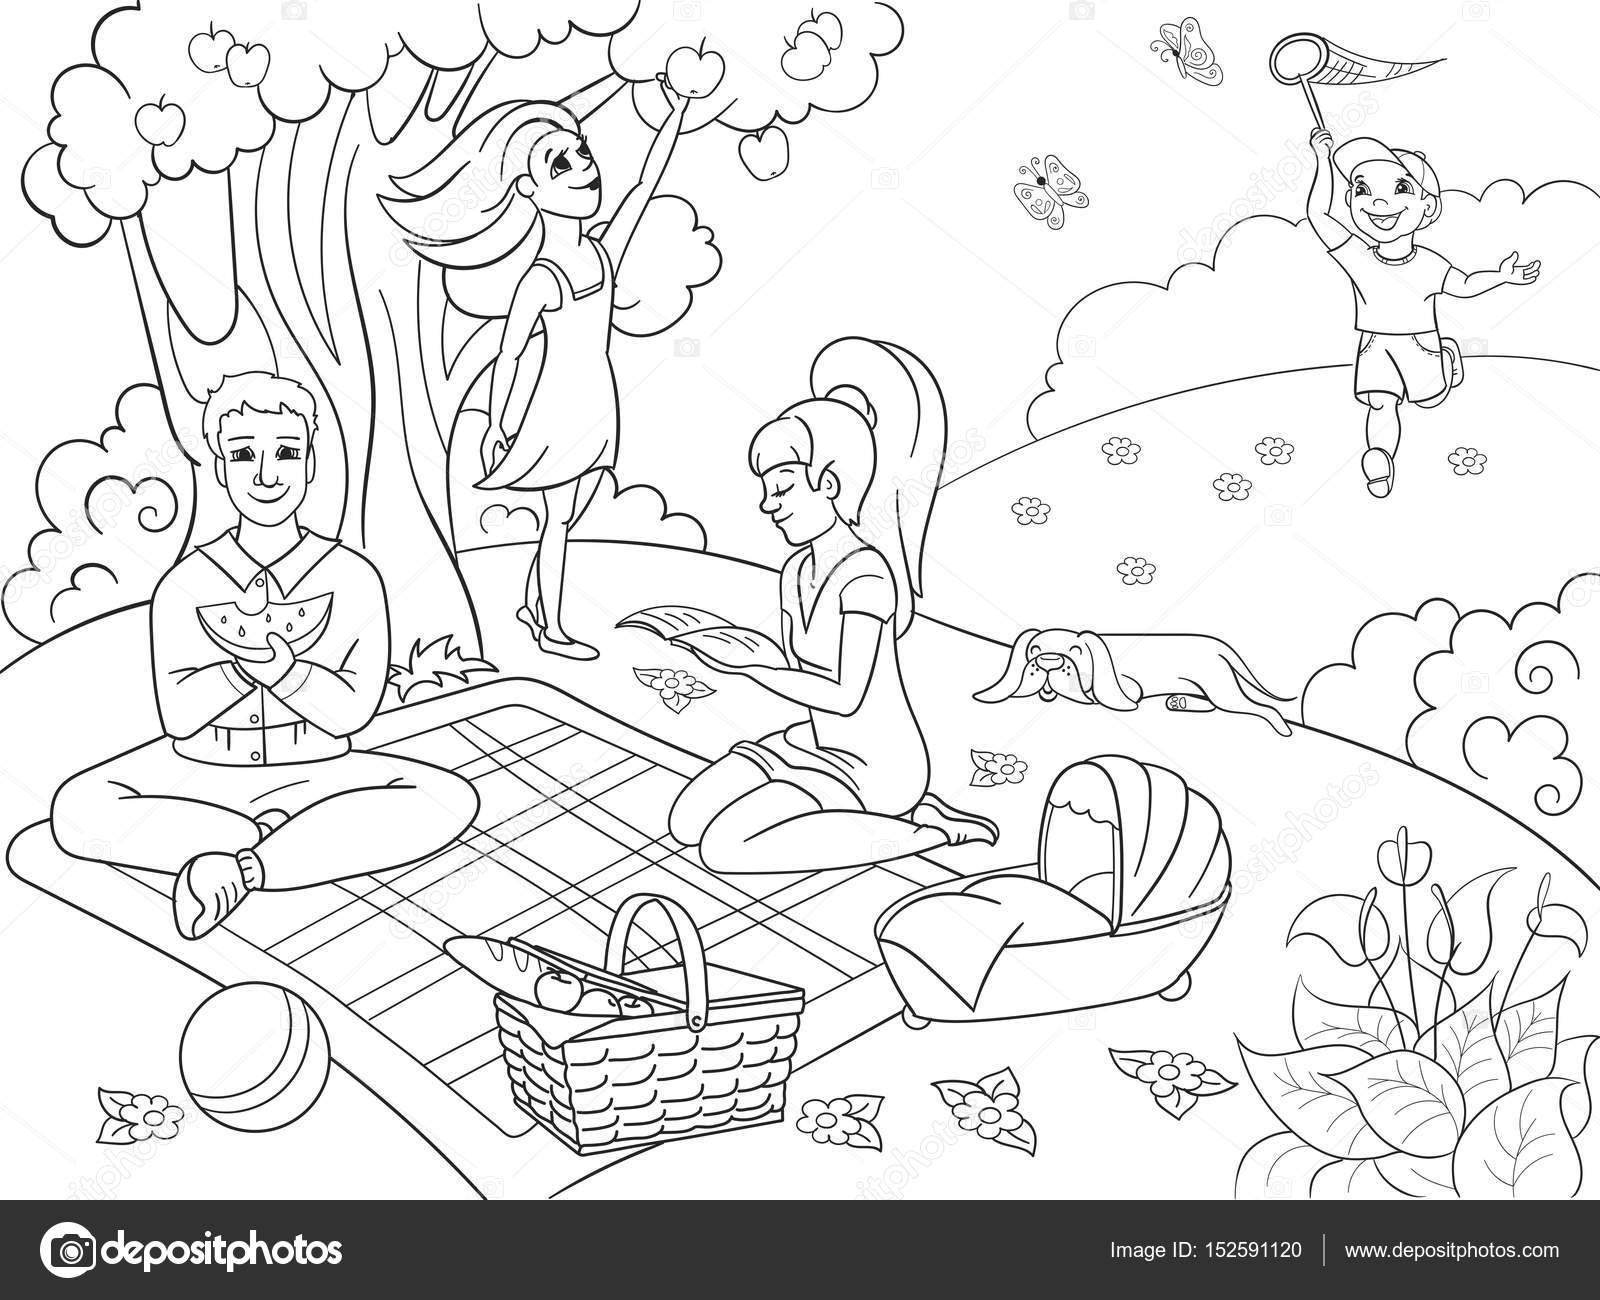 Piknik Doğada Vektör çizim Karikatür çocuklar Için Boyama Kitabı